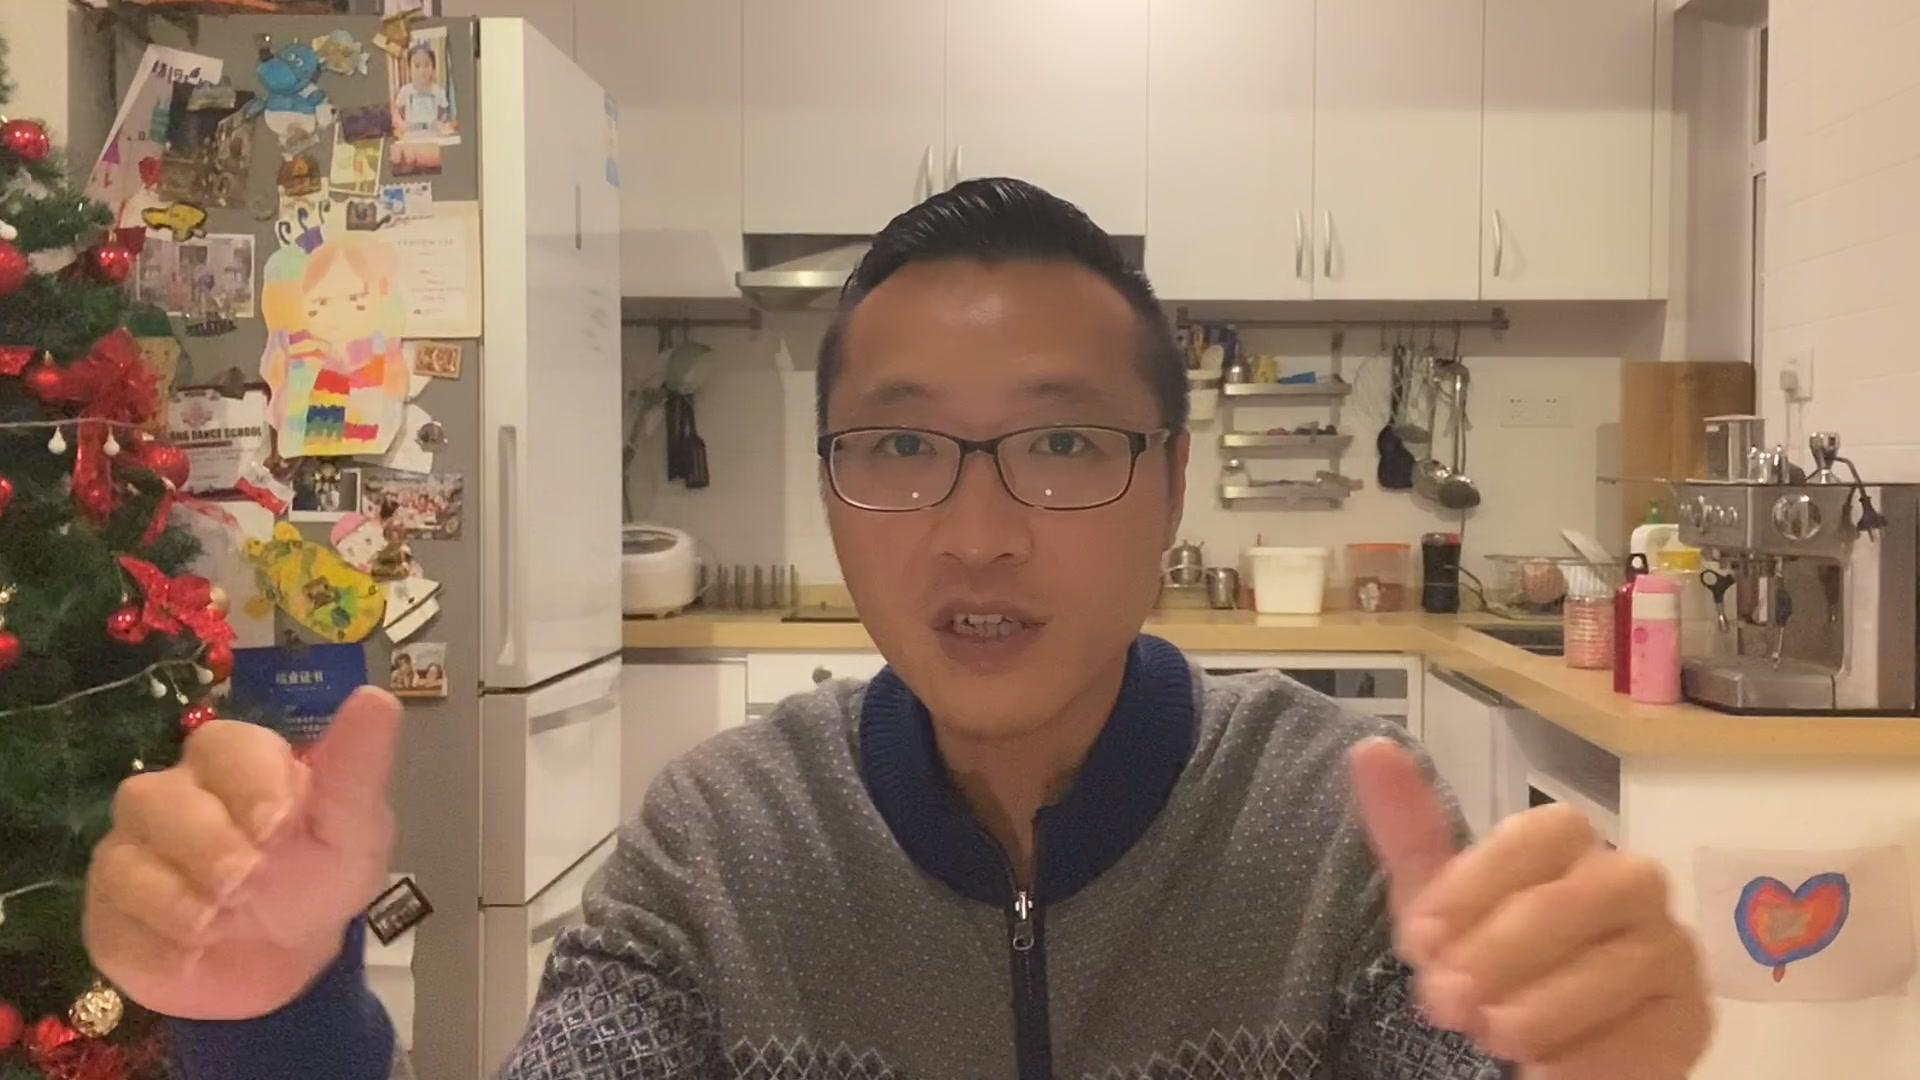 在廣州只有這類人能夠在極短時間暴富。不是炒房的。更不是創業的_嗶哩嗶哩 (゜-゜)つロ 干杯~-bilibili